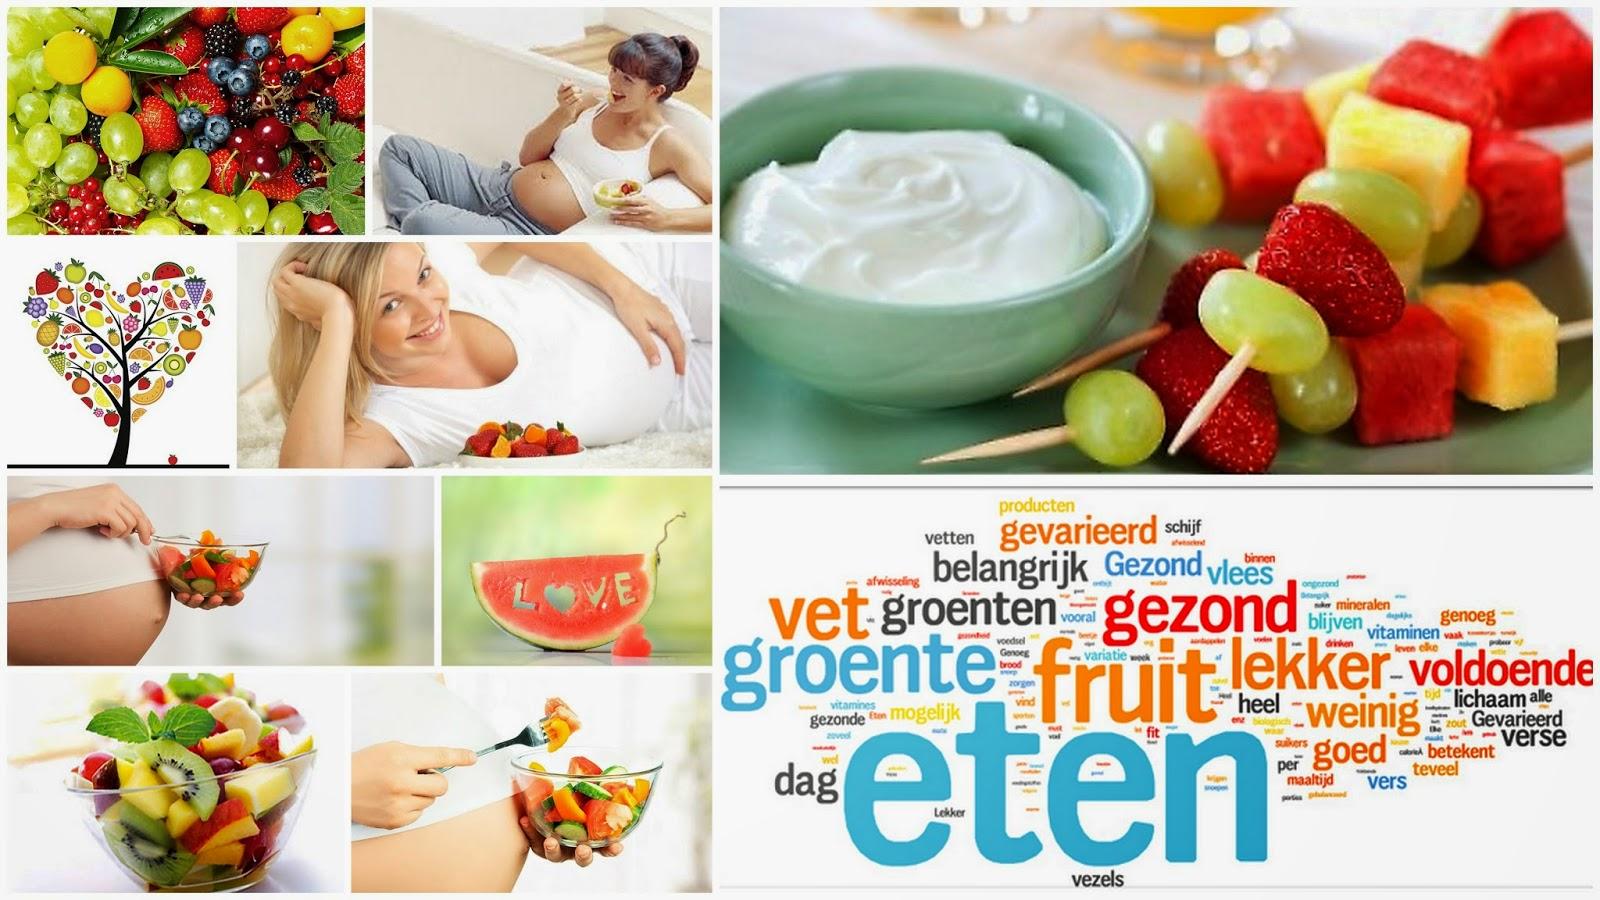 wat is gezond eten tijdens zwangerschap